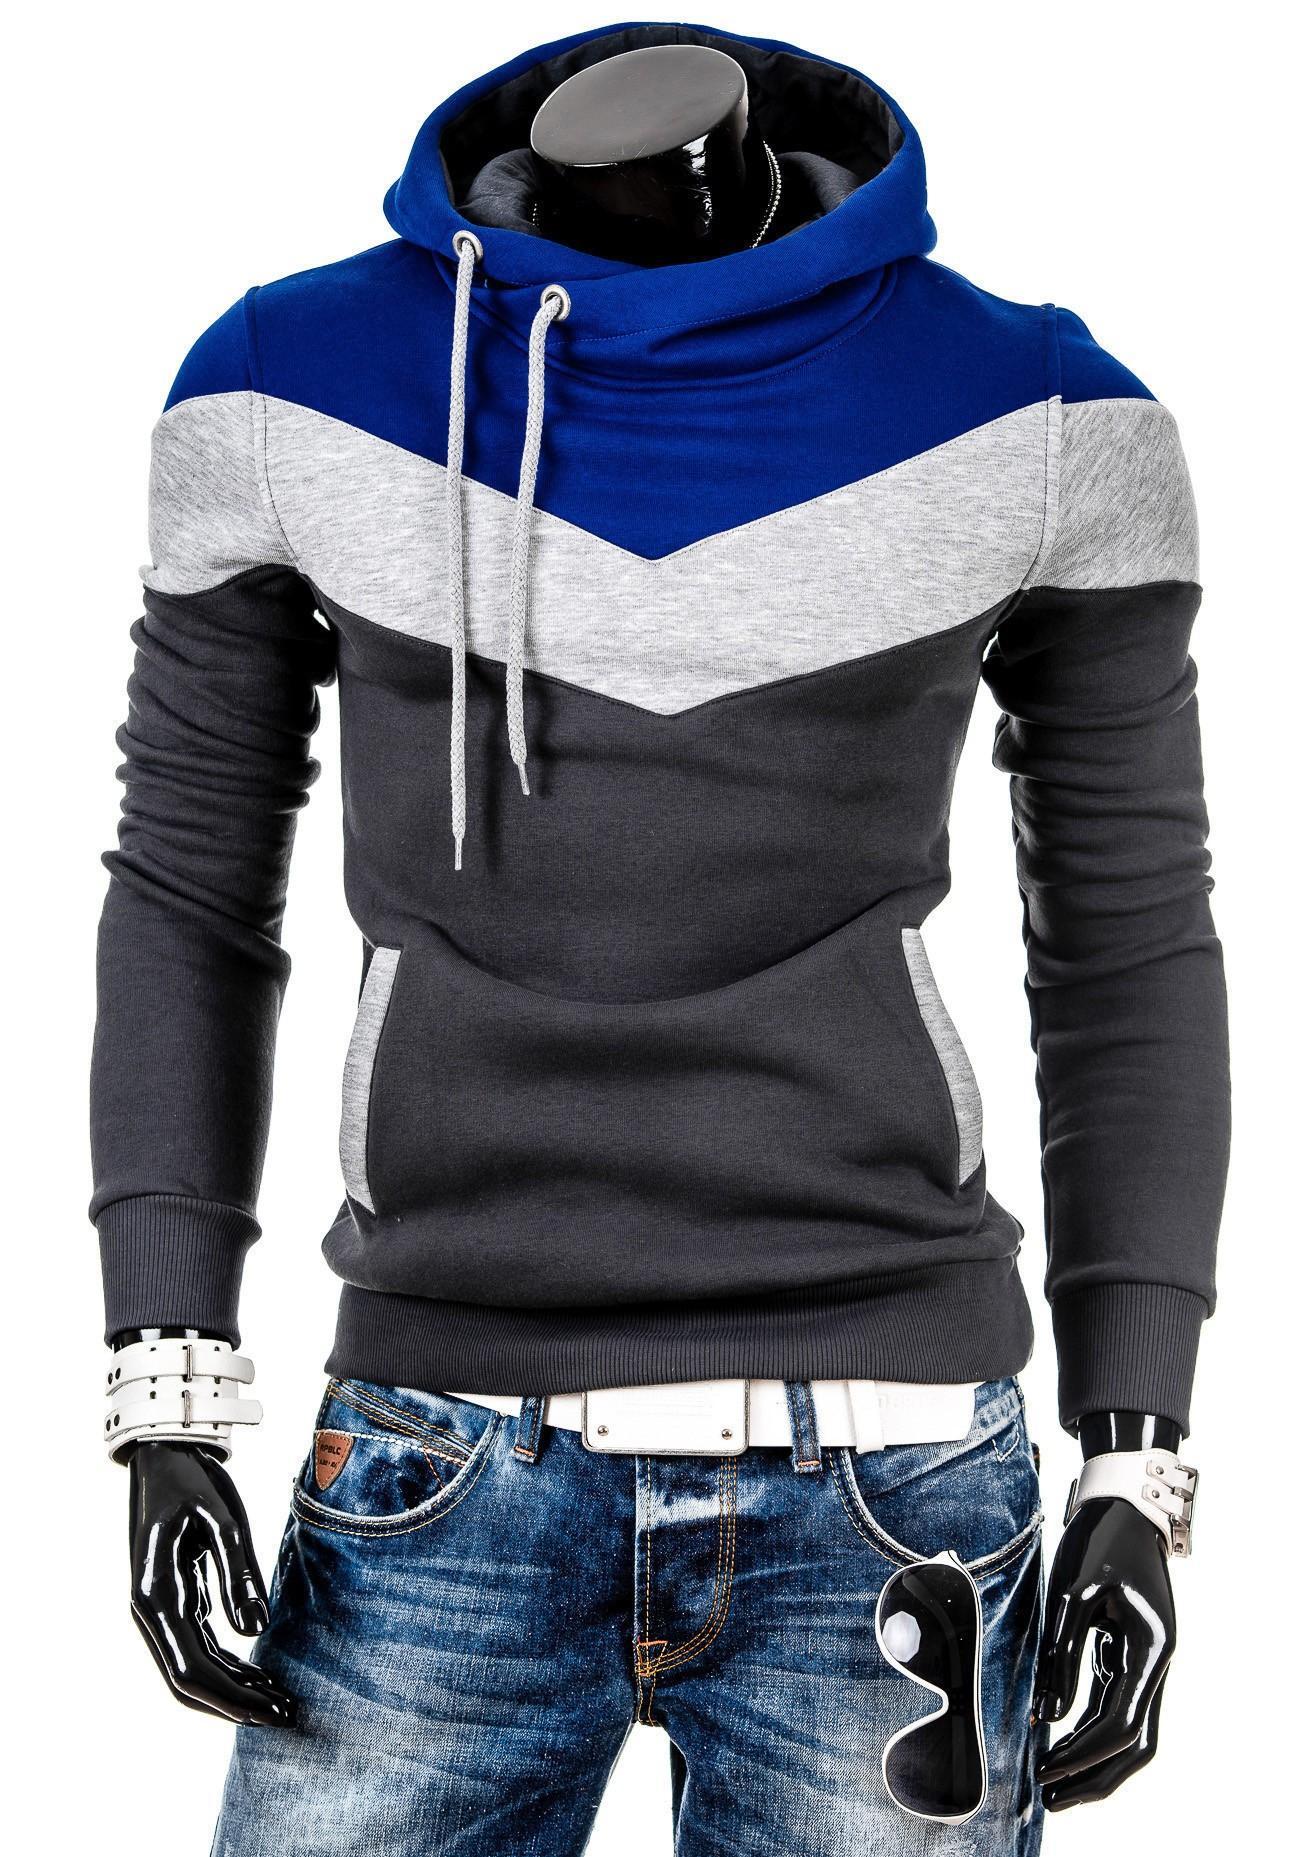 68bd70497e5 Pánská mikina s kombinací tří barev graffit - kvalitní oblečení ...